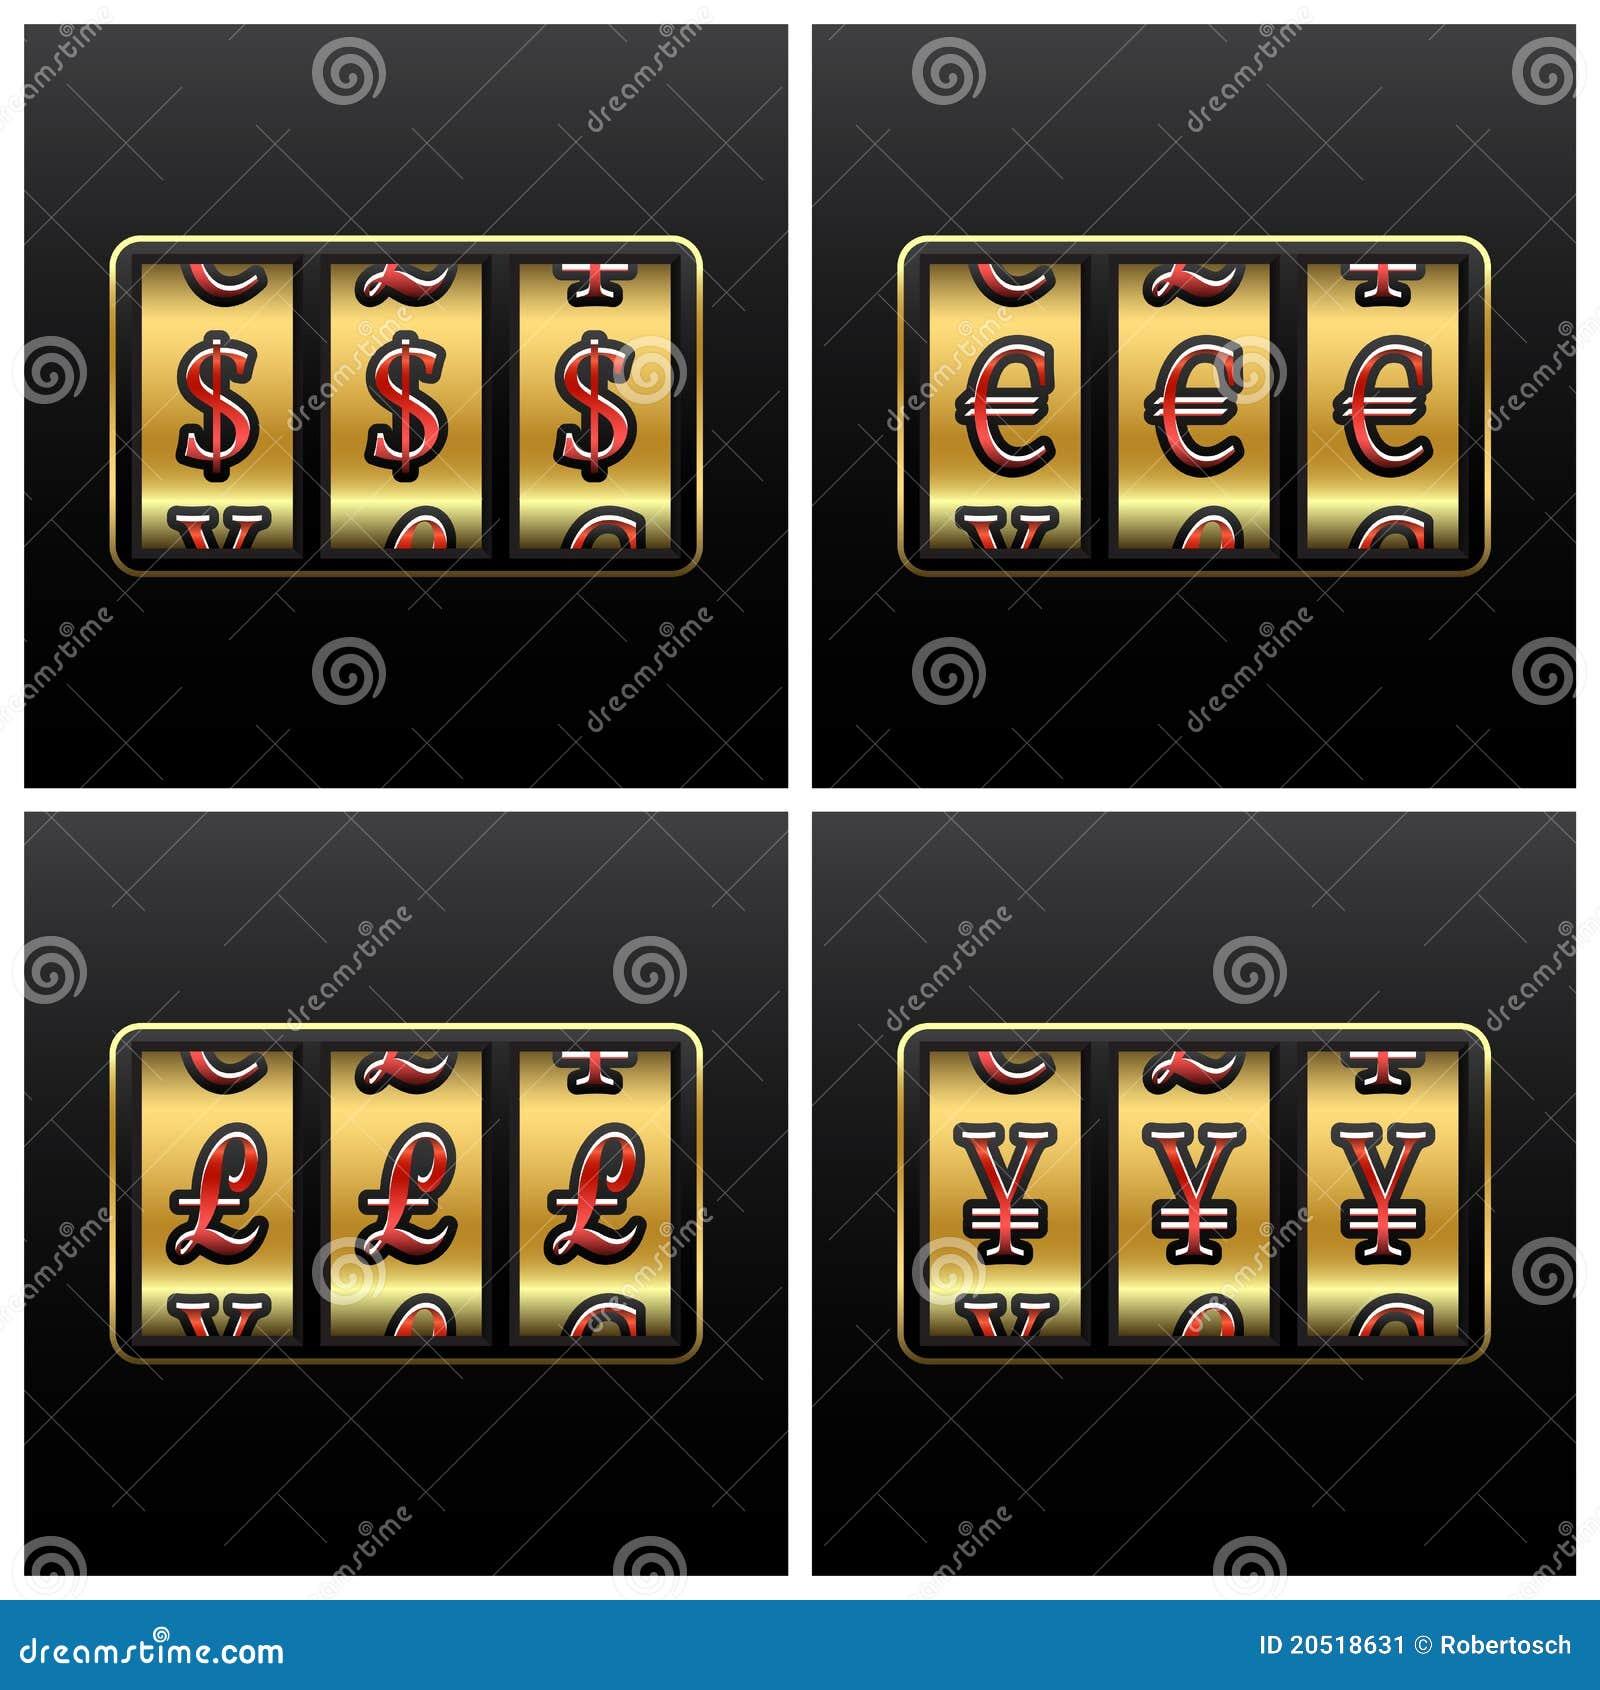 Platinum play casino mobile